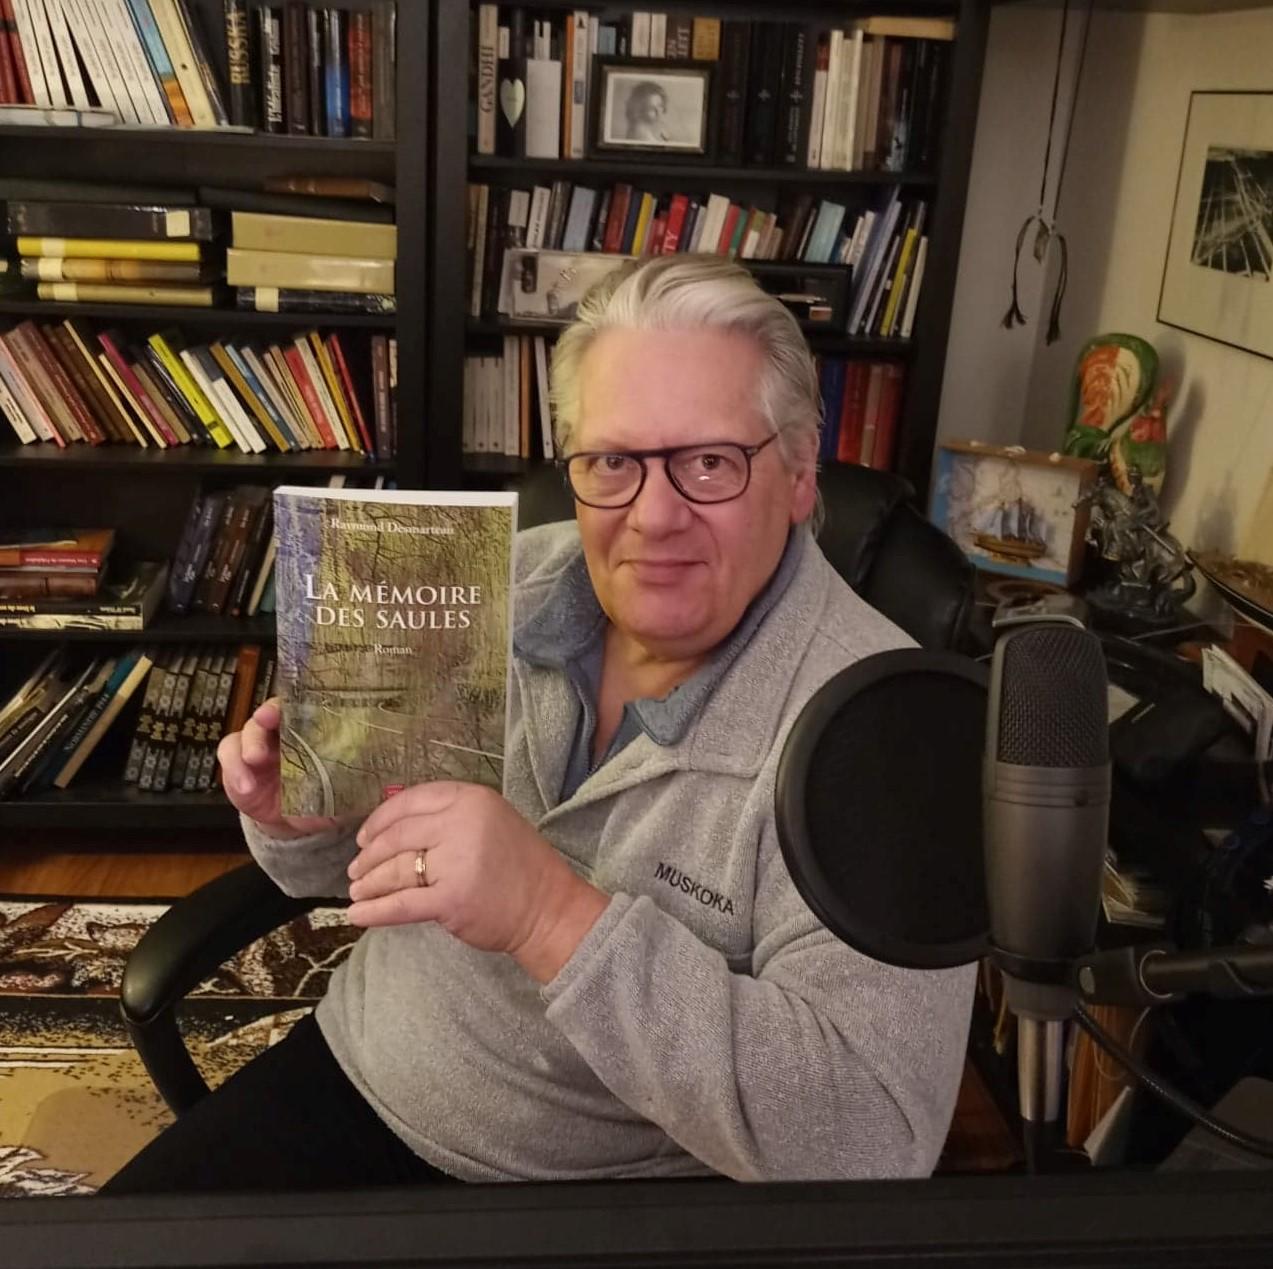 Un nouveau roman pour Raymond Desmarteau : La Mémoire des saules